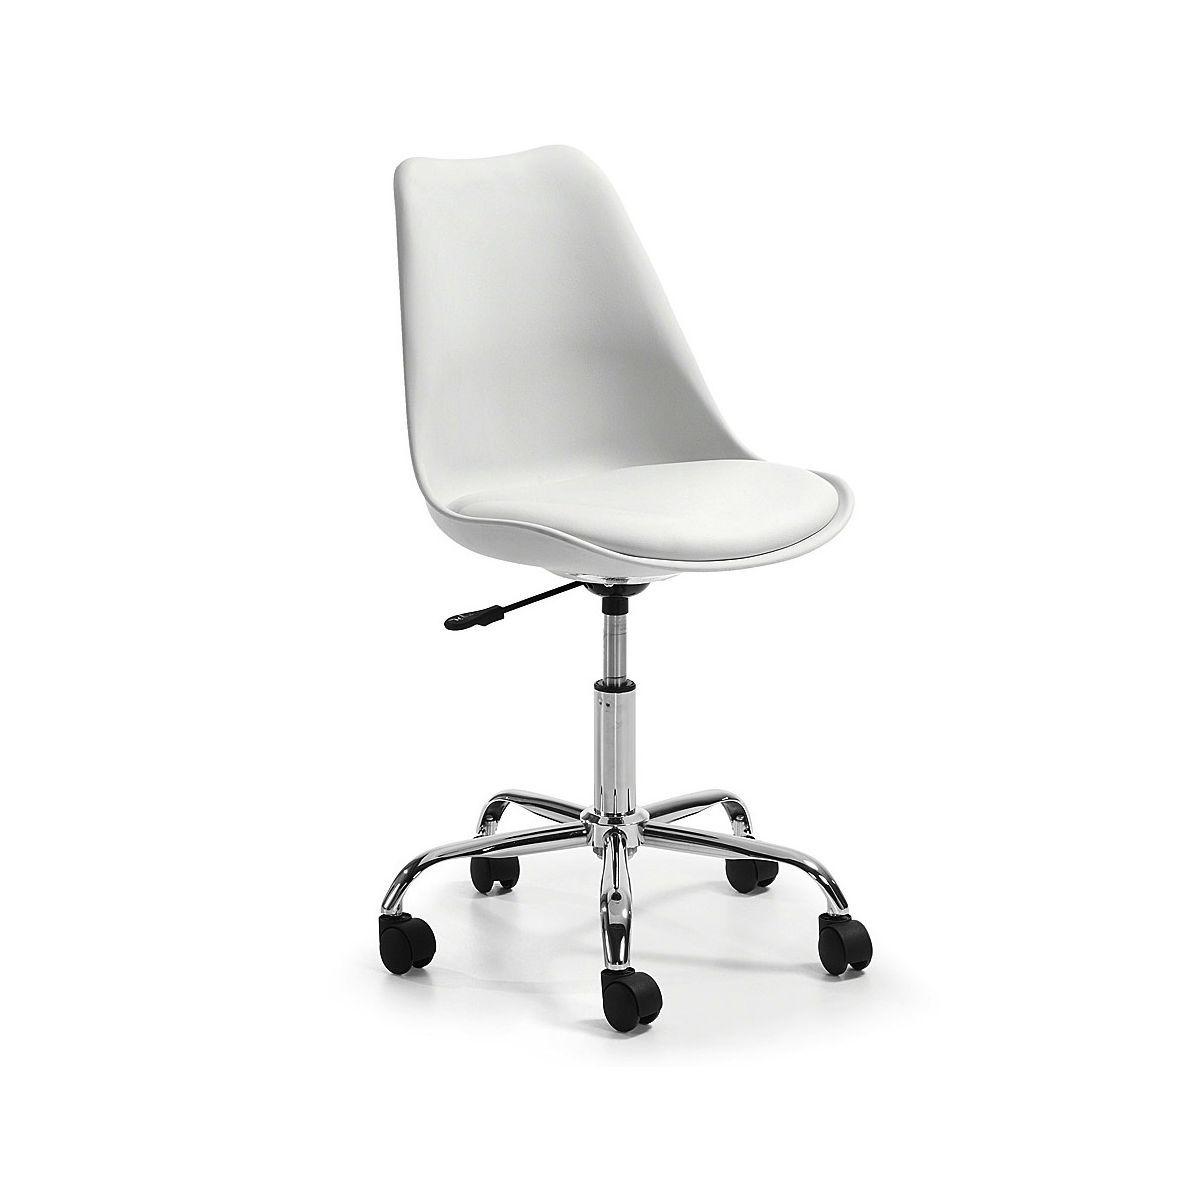 Chaise De Bureau A Roulette Design Orlando Blanche De Profil Blanc